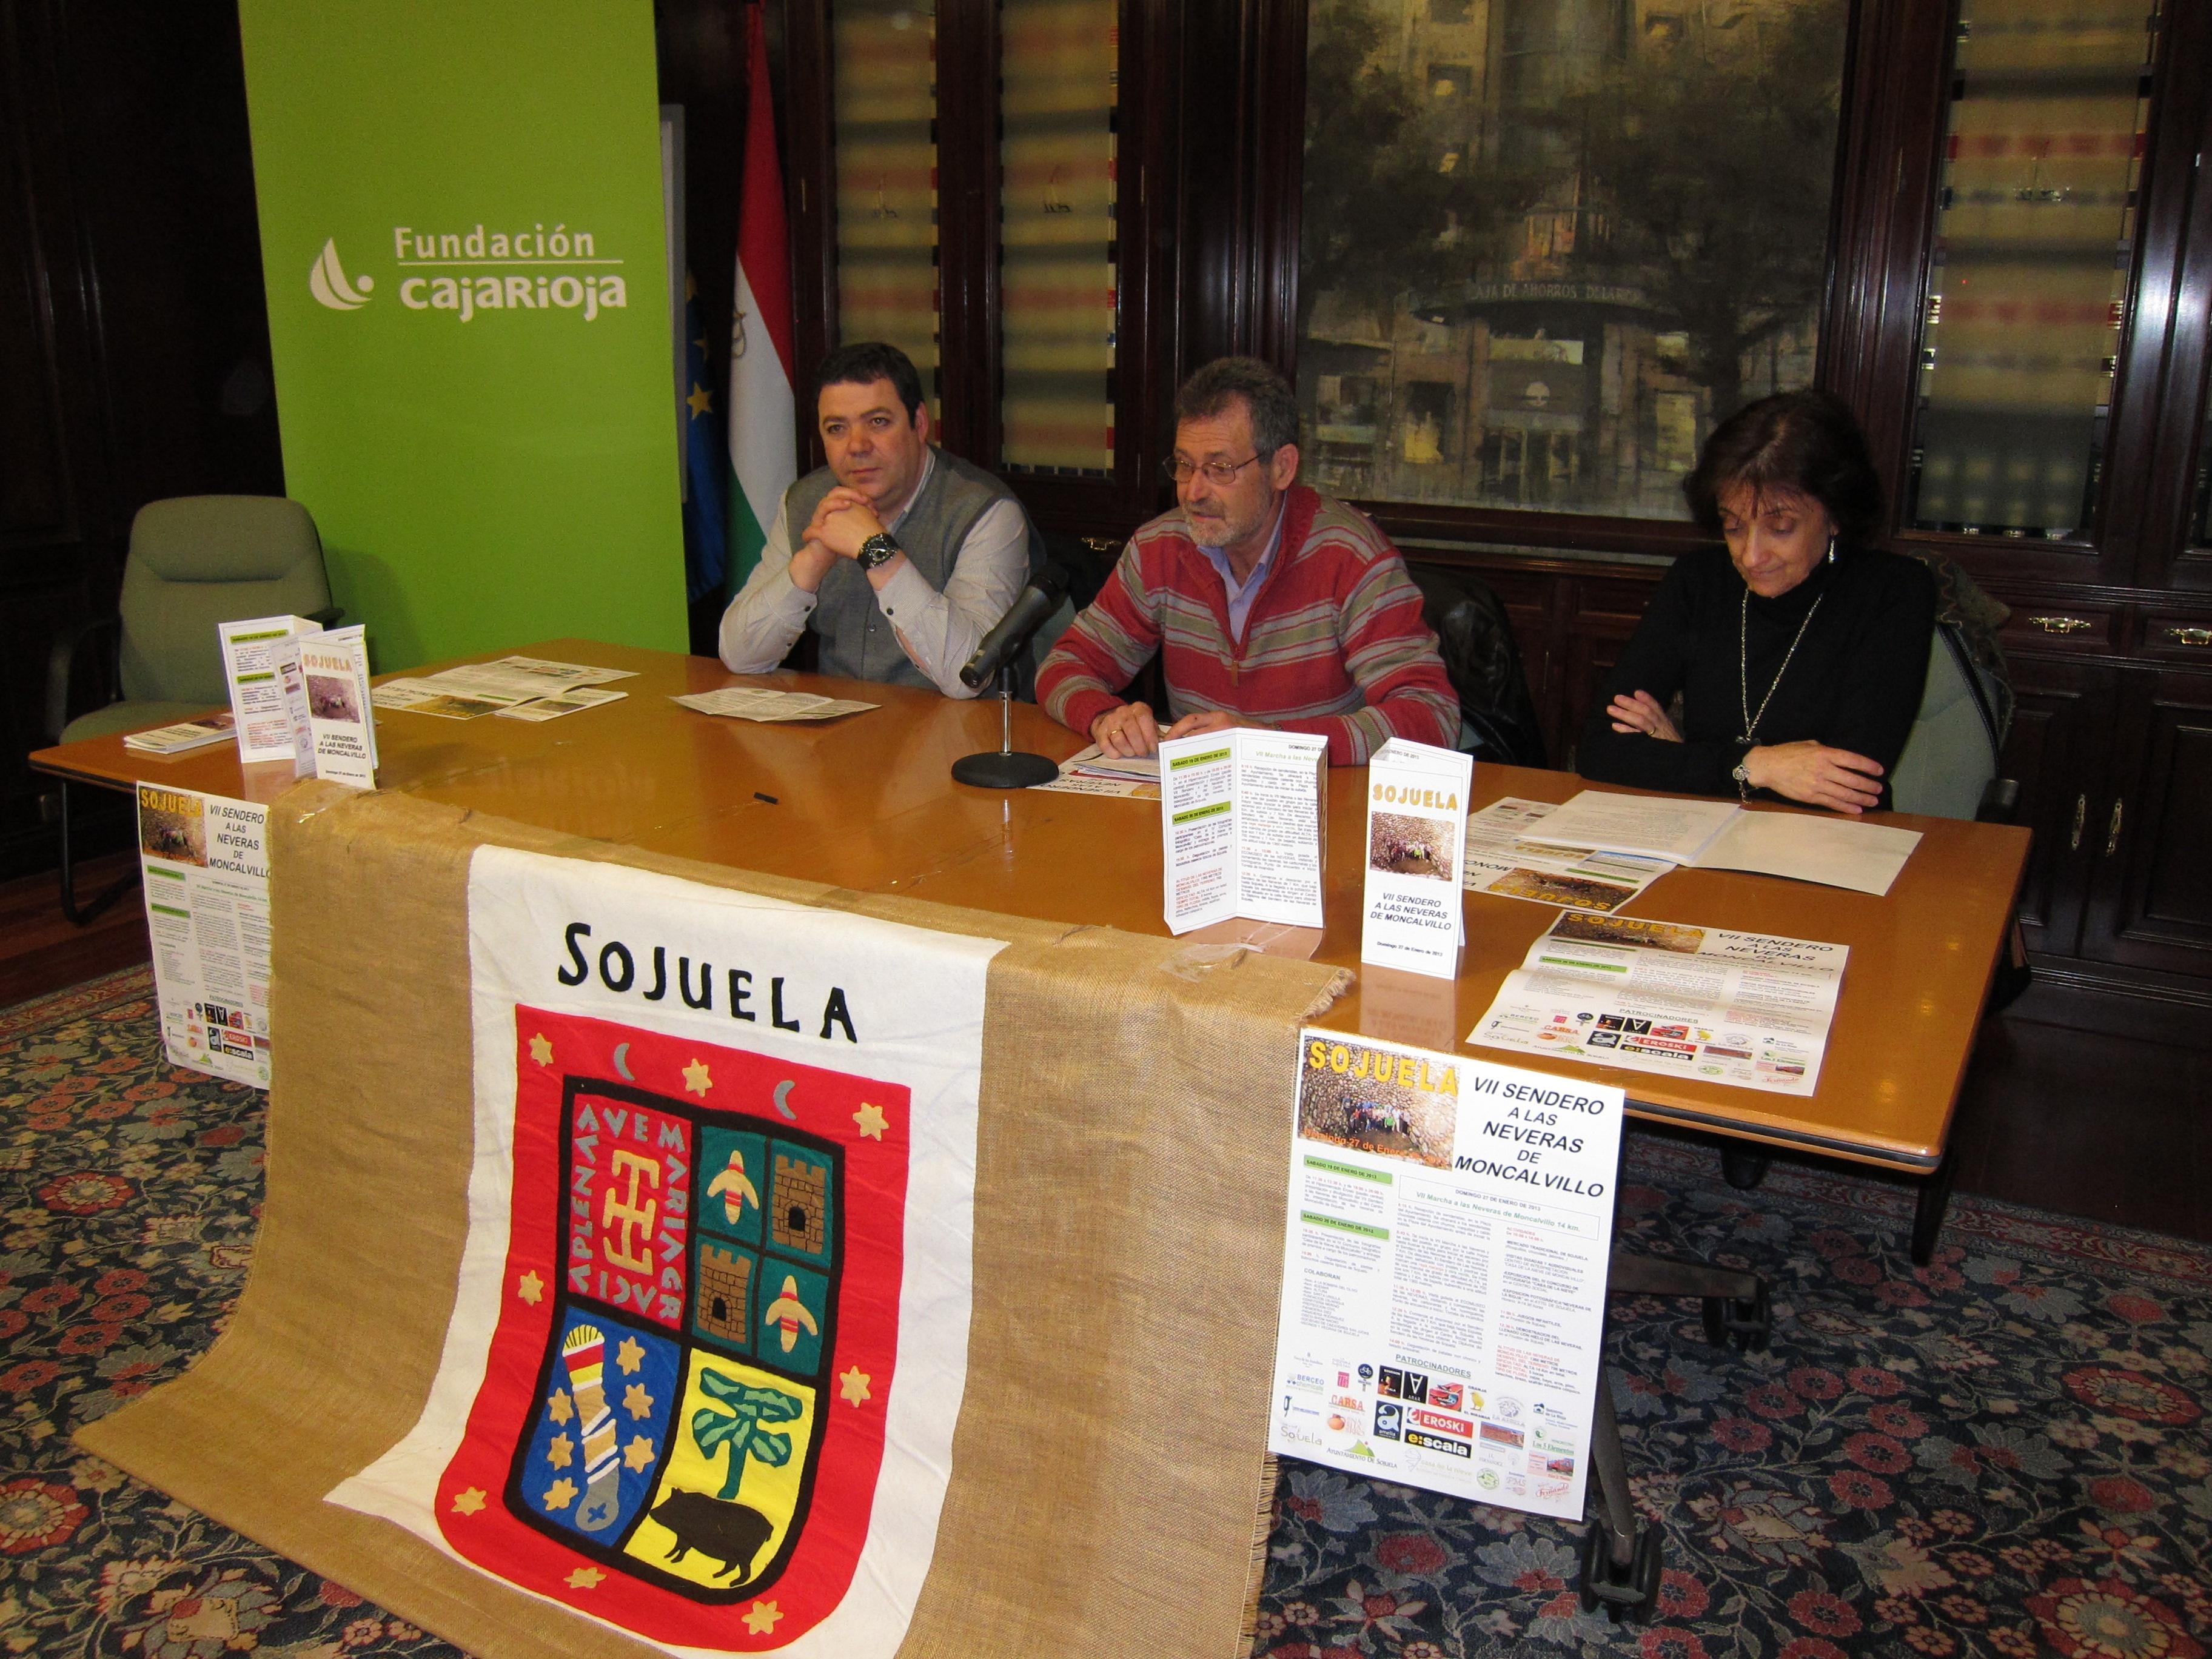 Sojuela acoge el 27 de enero el VII sendero a las neveras de Moncalvillo